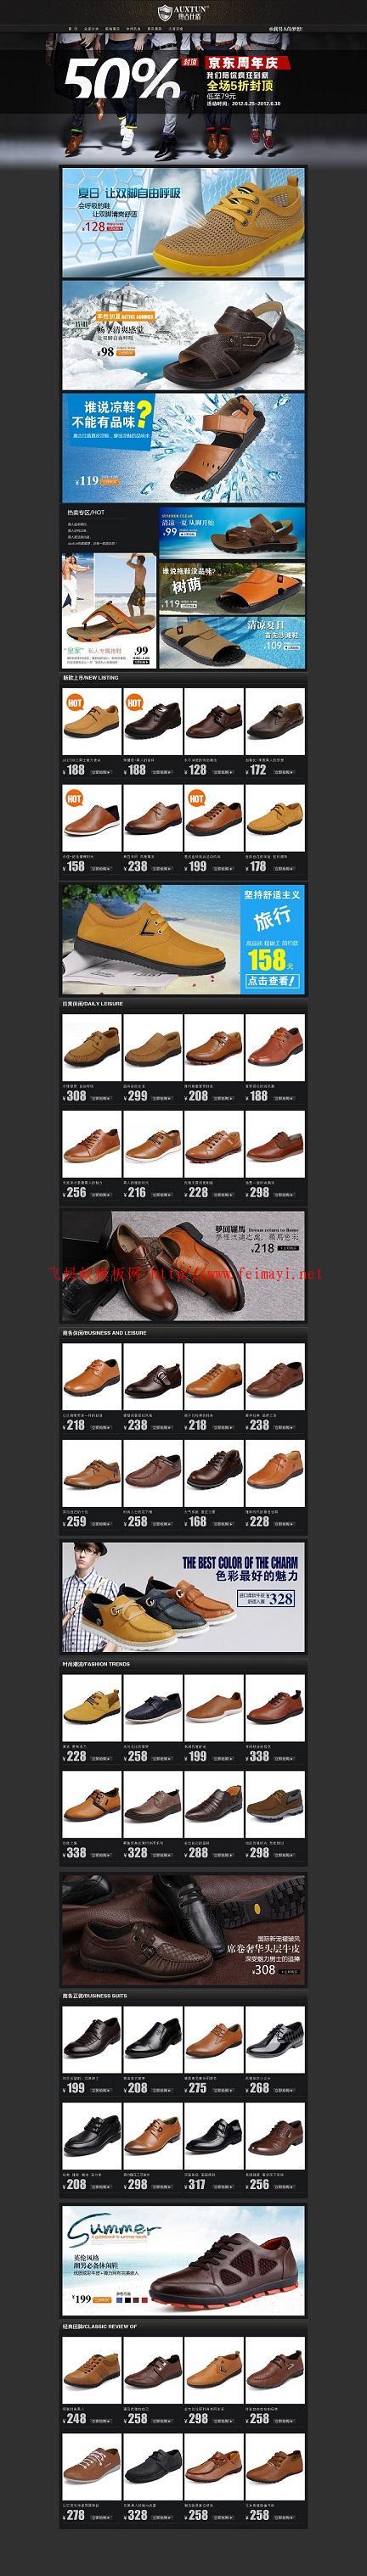 2018黑色淘宝首页童鞋psd行业通用PSD素材鞋子模板免费下载